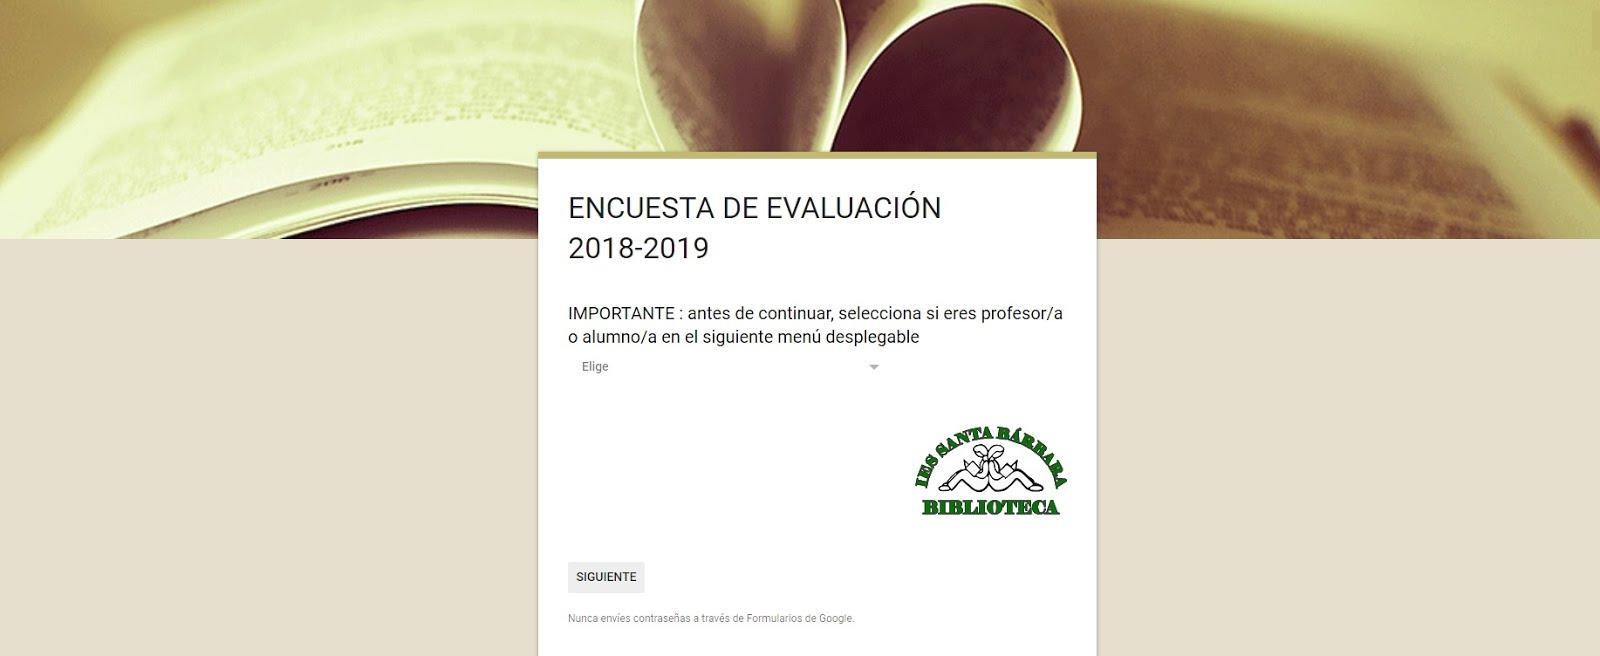 Encuesta de evaluación curso 2019-2019